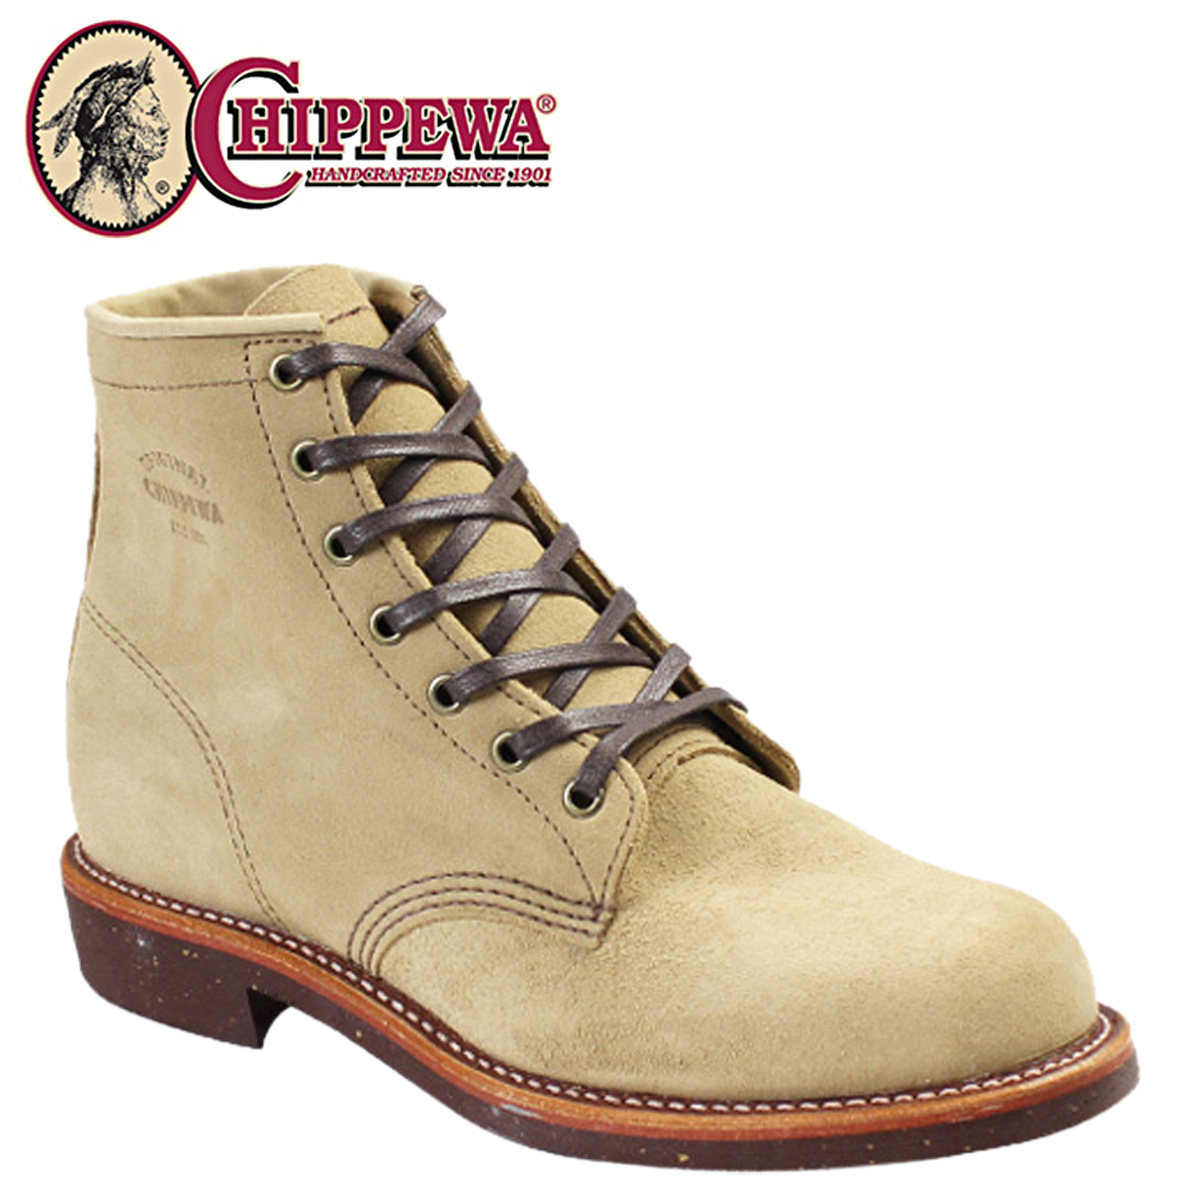 CHIPPEWA チペワ 6インチ サービス ブーツ 6INCH SERVICE BOOT Dワイズ スエード 1901M27 サンド メンズ [3/30 再入荷]